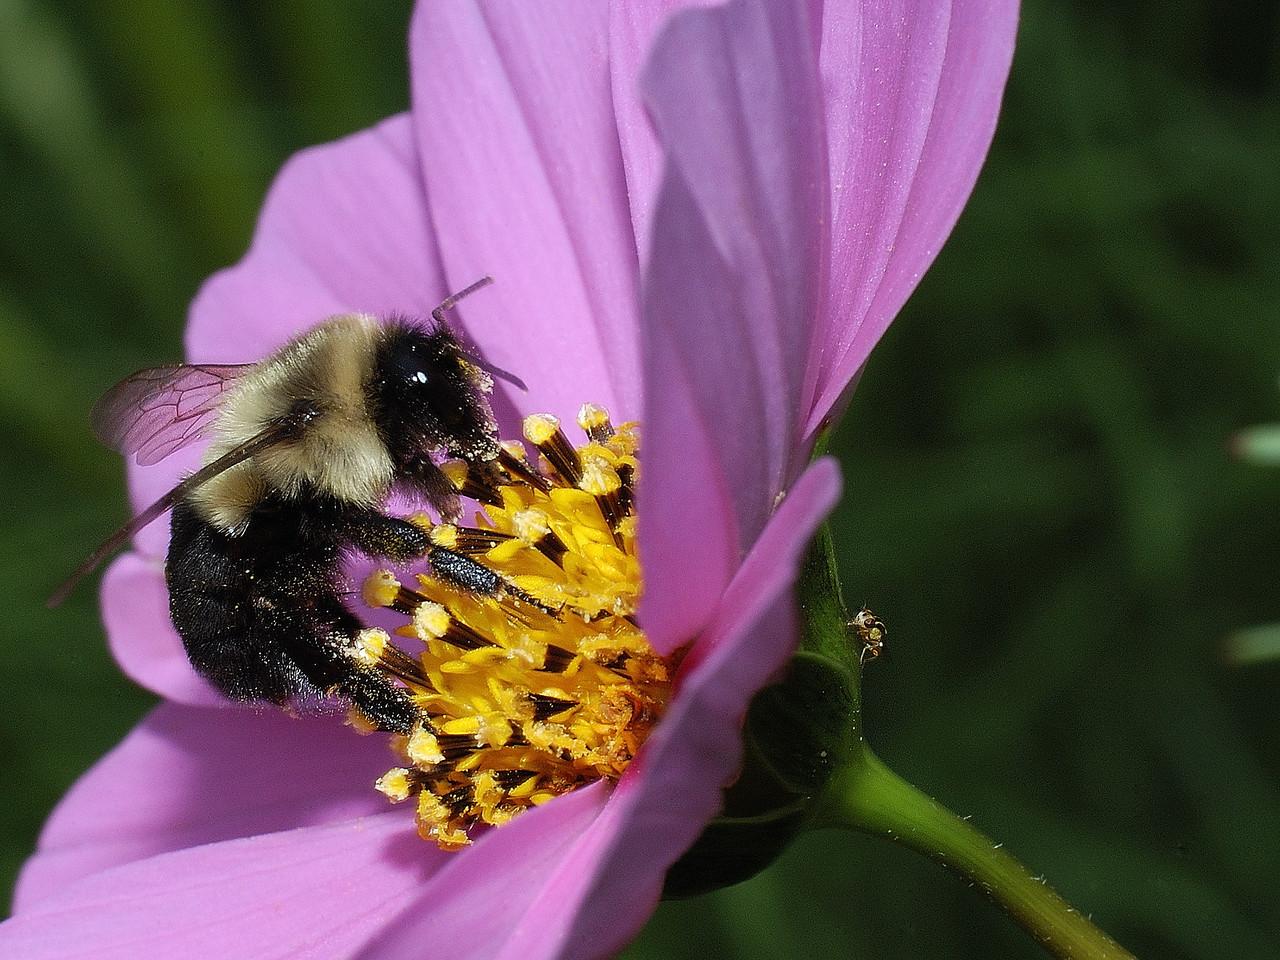 Varennes, Qc, Canada: bourdon butinant une fleur de Cosmos, on observe aussi un insecte beaucoup plus petit sur le côté opposé de la fleur. / Bumblebee on a Cosmos flower. A very small iinsect is present on the other side of the flower.